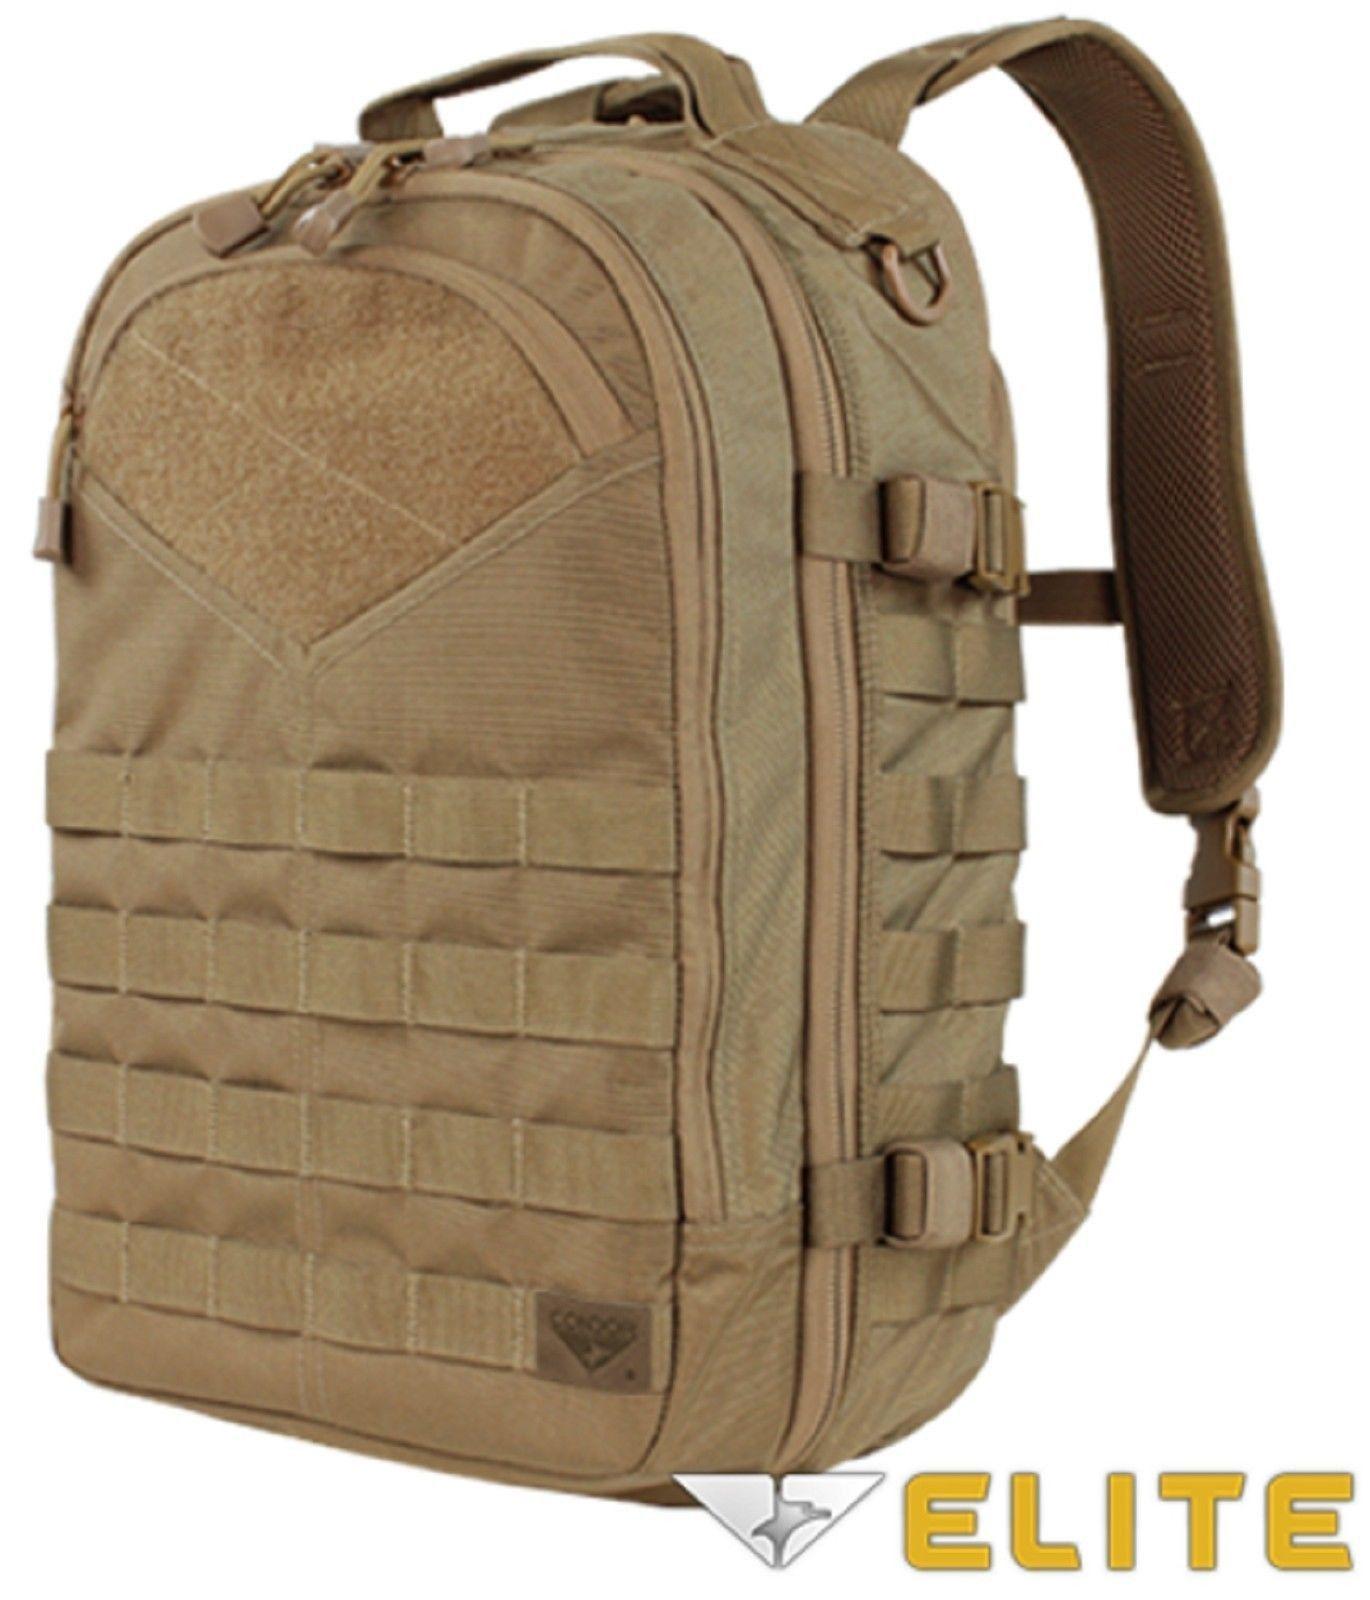 51156975195e Condor Elite Frontier Outdoor Pack Backpack - 18